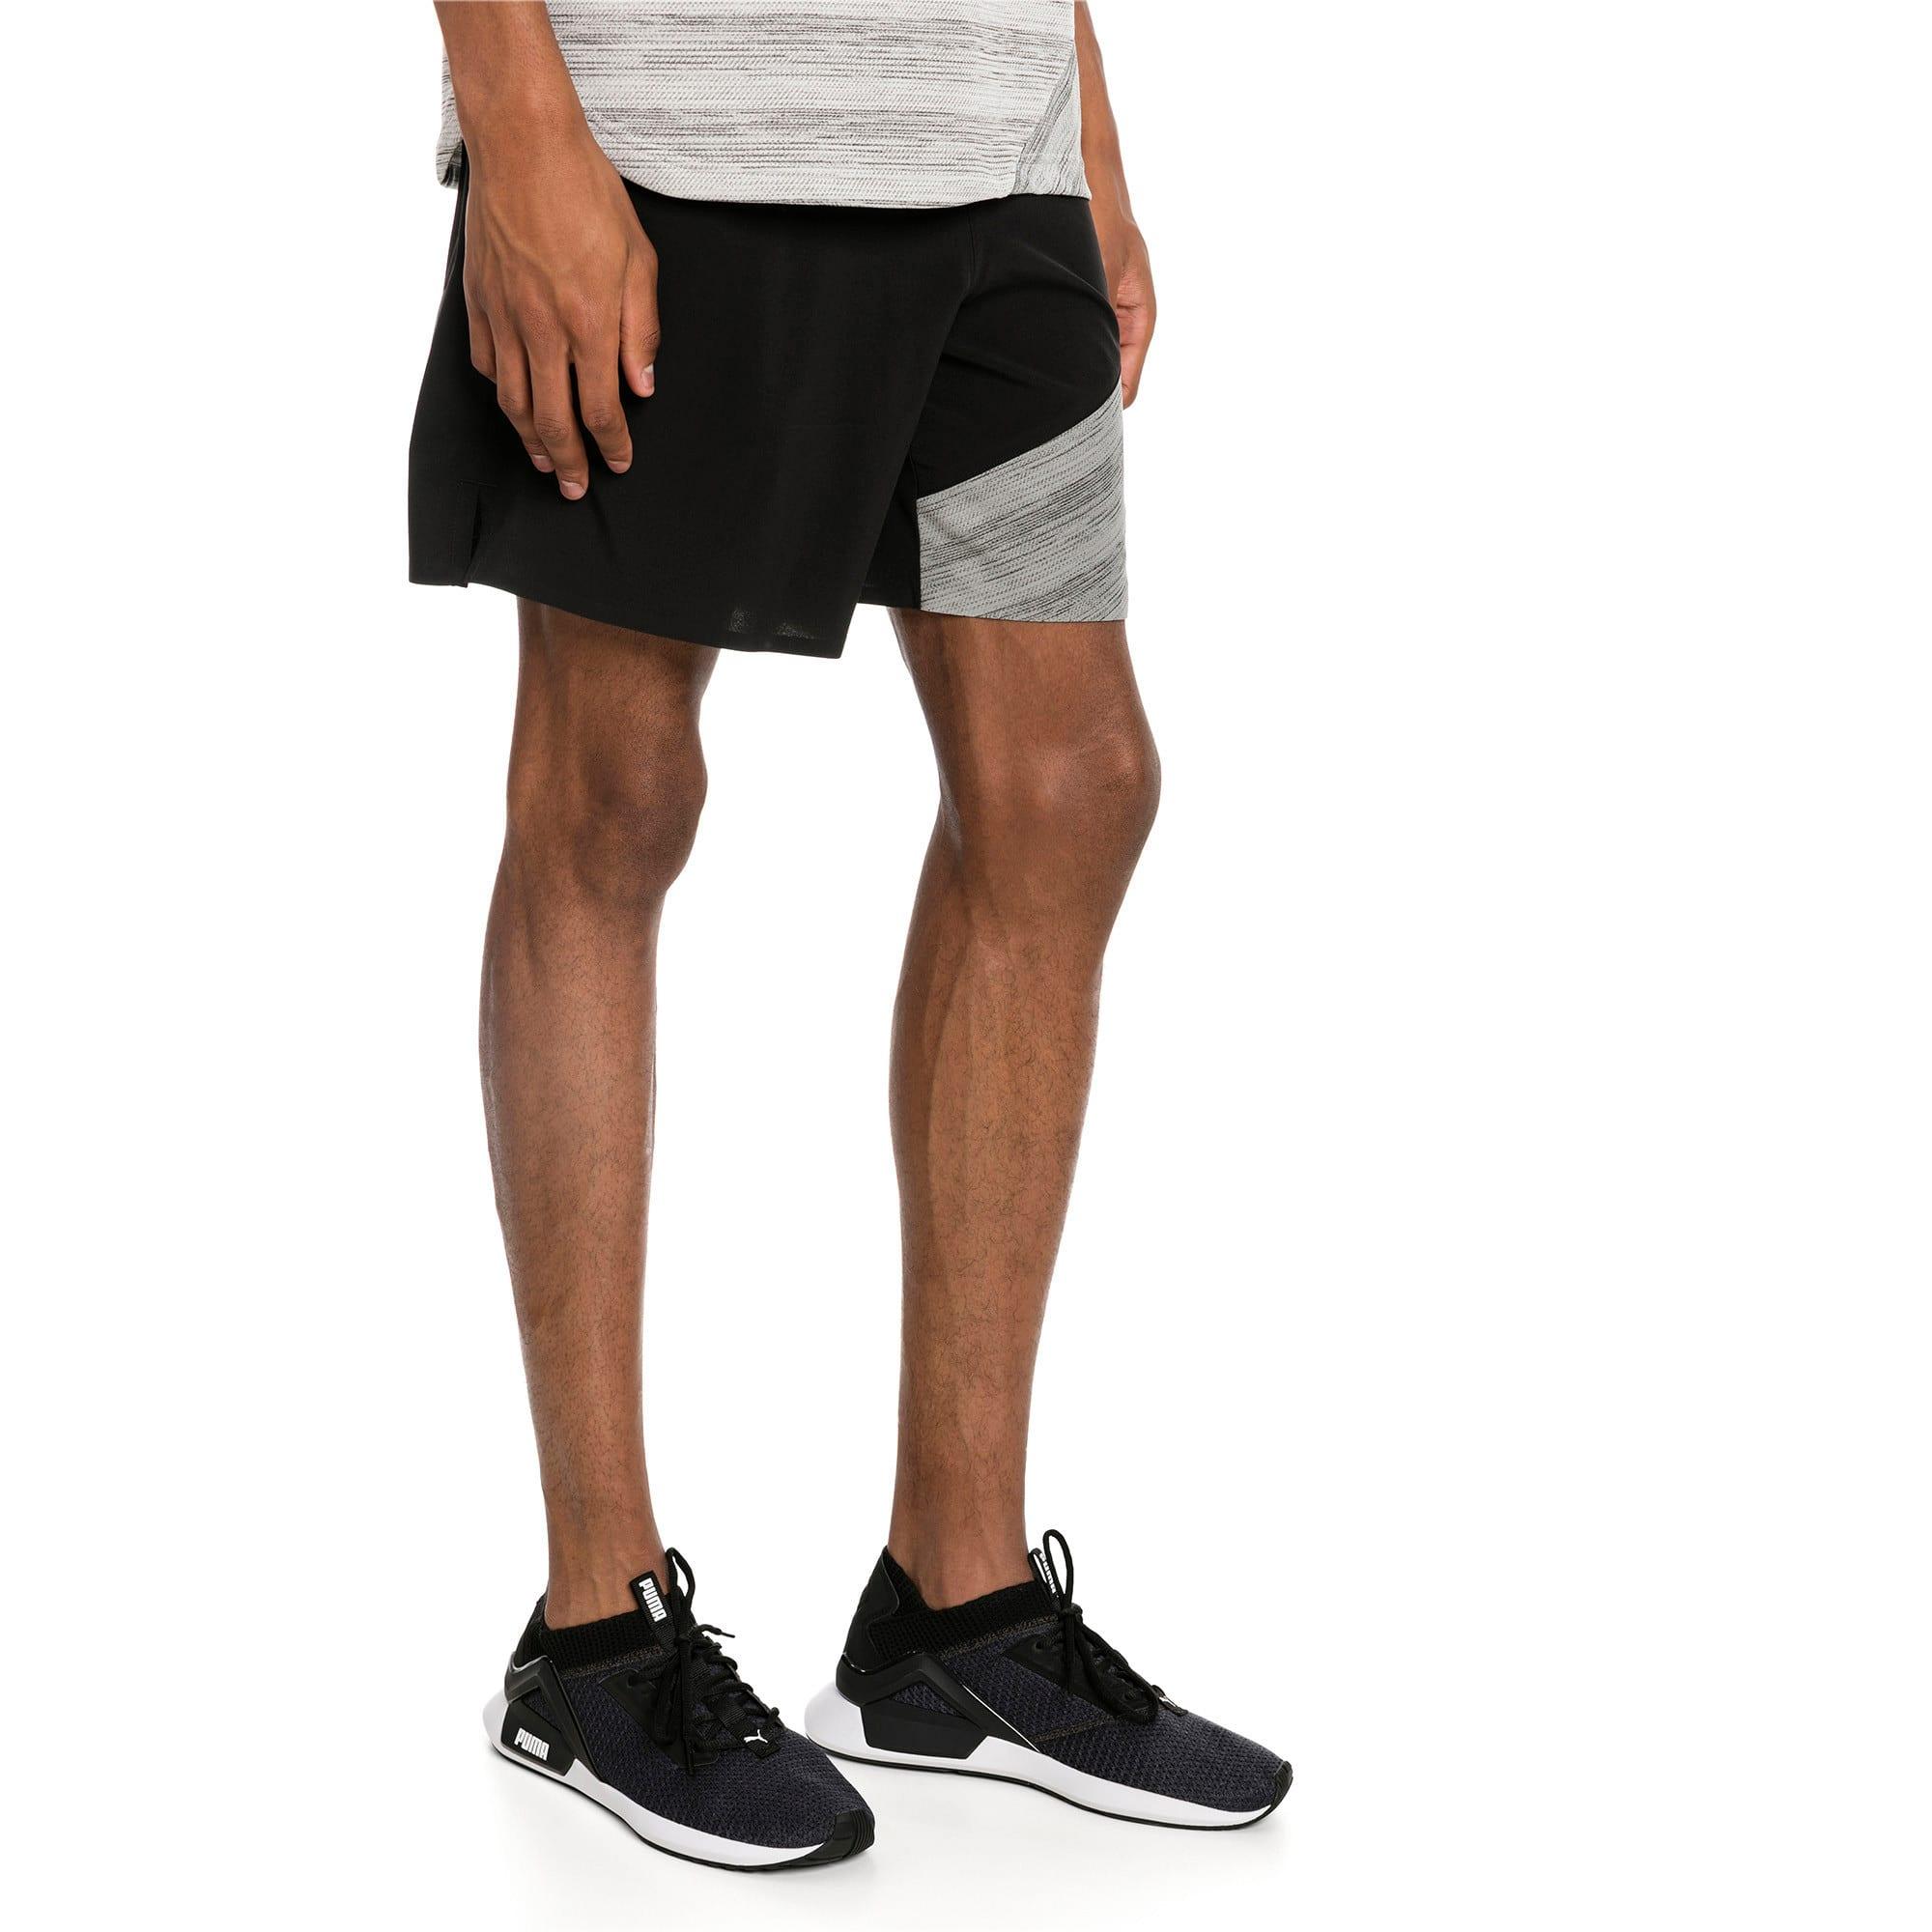 """Thumbnail 1 of Pace 7"""" 2 in 1 Men's Running Shorts, Puma Black-Medium Gry Hthr, medium-IND"""